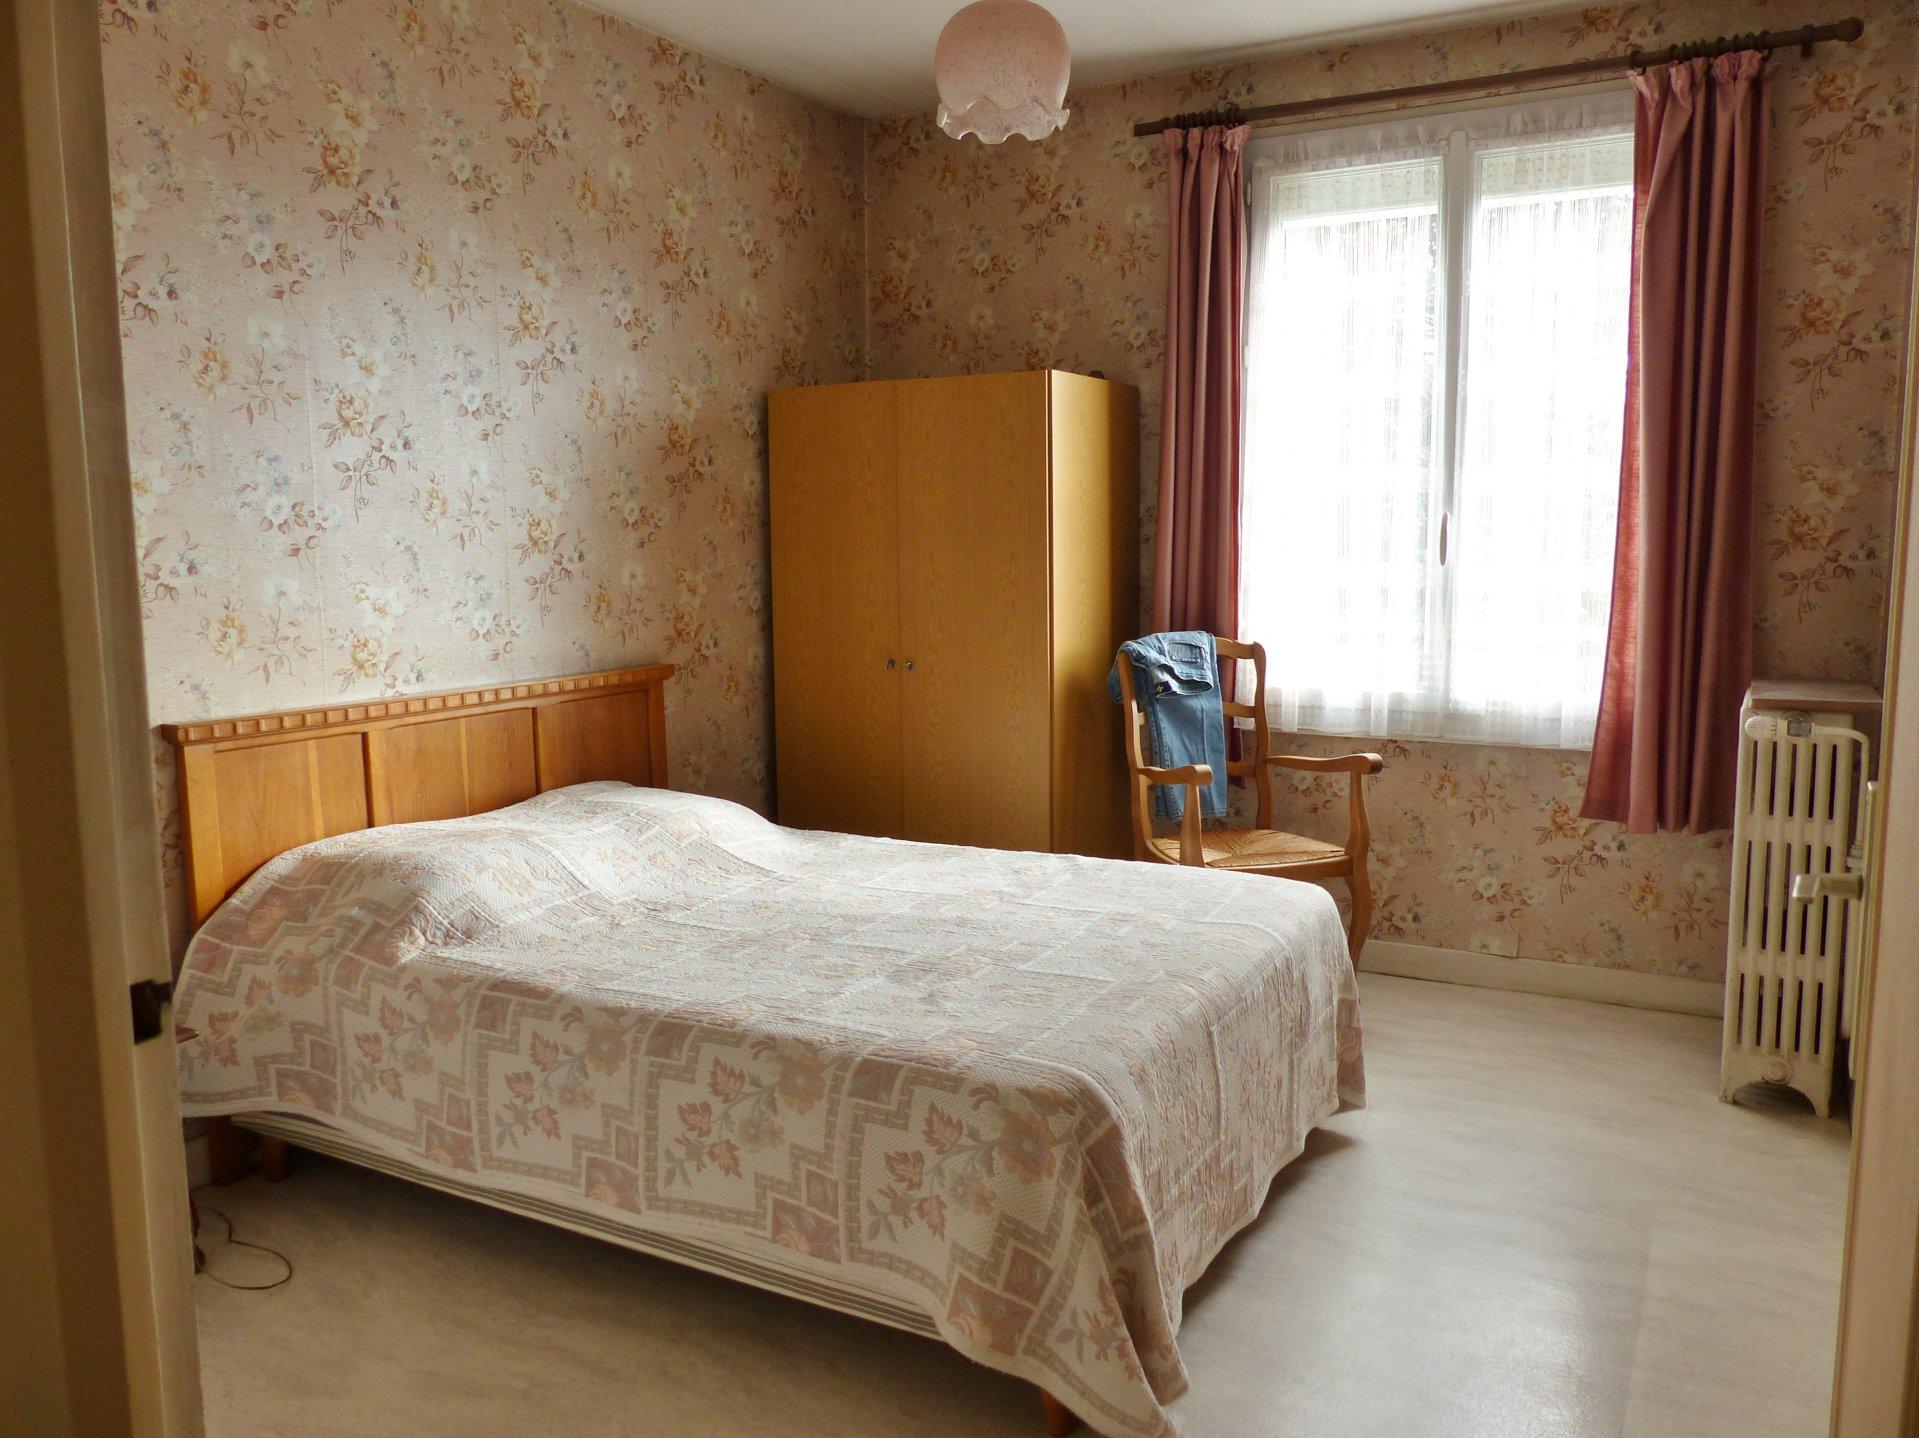 SOUS COMPROMIS DE VENTE : Située dans un quartier résidentielle de Mâcon, cette maison offre de belles possibilités. L'étage se compose d'une cuisine indépendante, d'un séjour avec cheminée et donnant accès sur une terrasse, d'un dégagement desservant la salle de douche puis 3 belles chambres. De plain pied vous profiterez d'une chambre supplémentaire, d'un grand garage ainsi que d'une buanderie, d'une zone de rangement et d'une petite cave. Chauffage au gaz, double vitrage PVC avec volets roulants électriques.